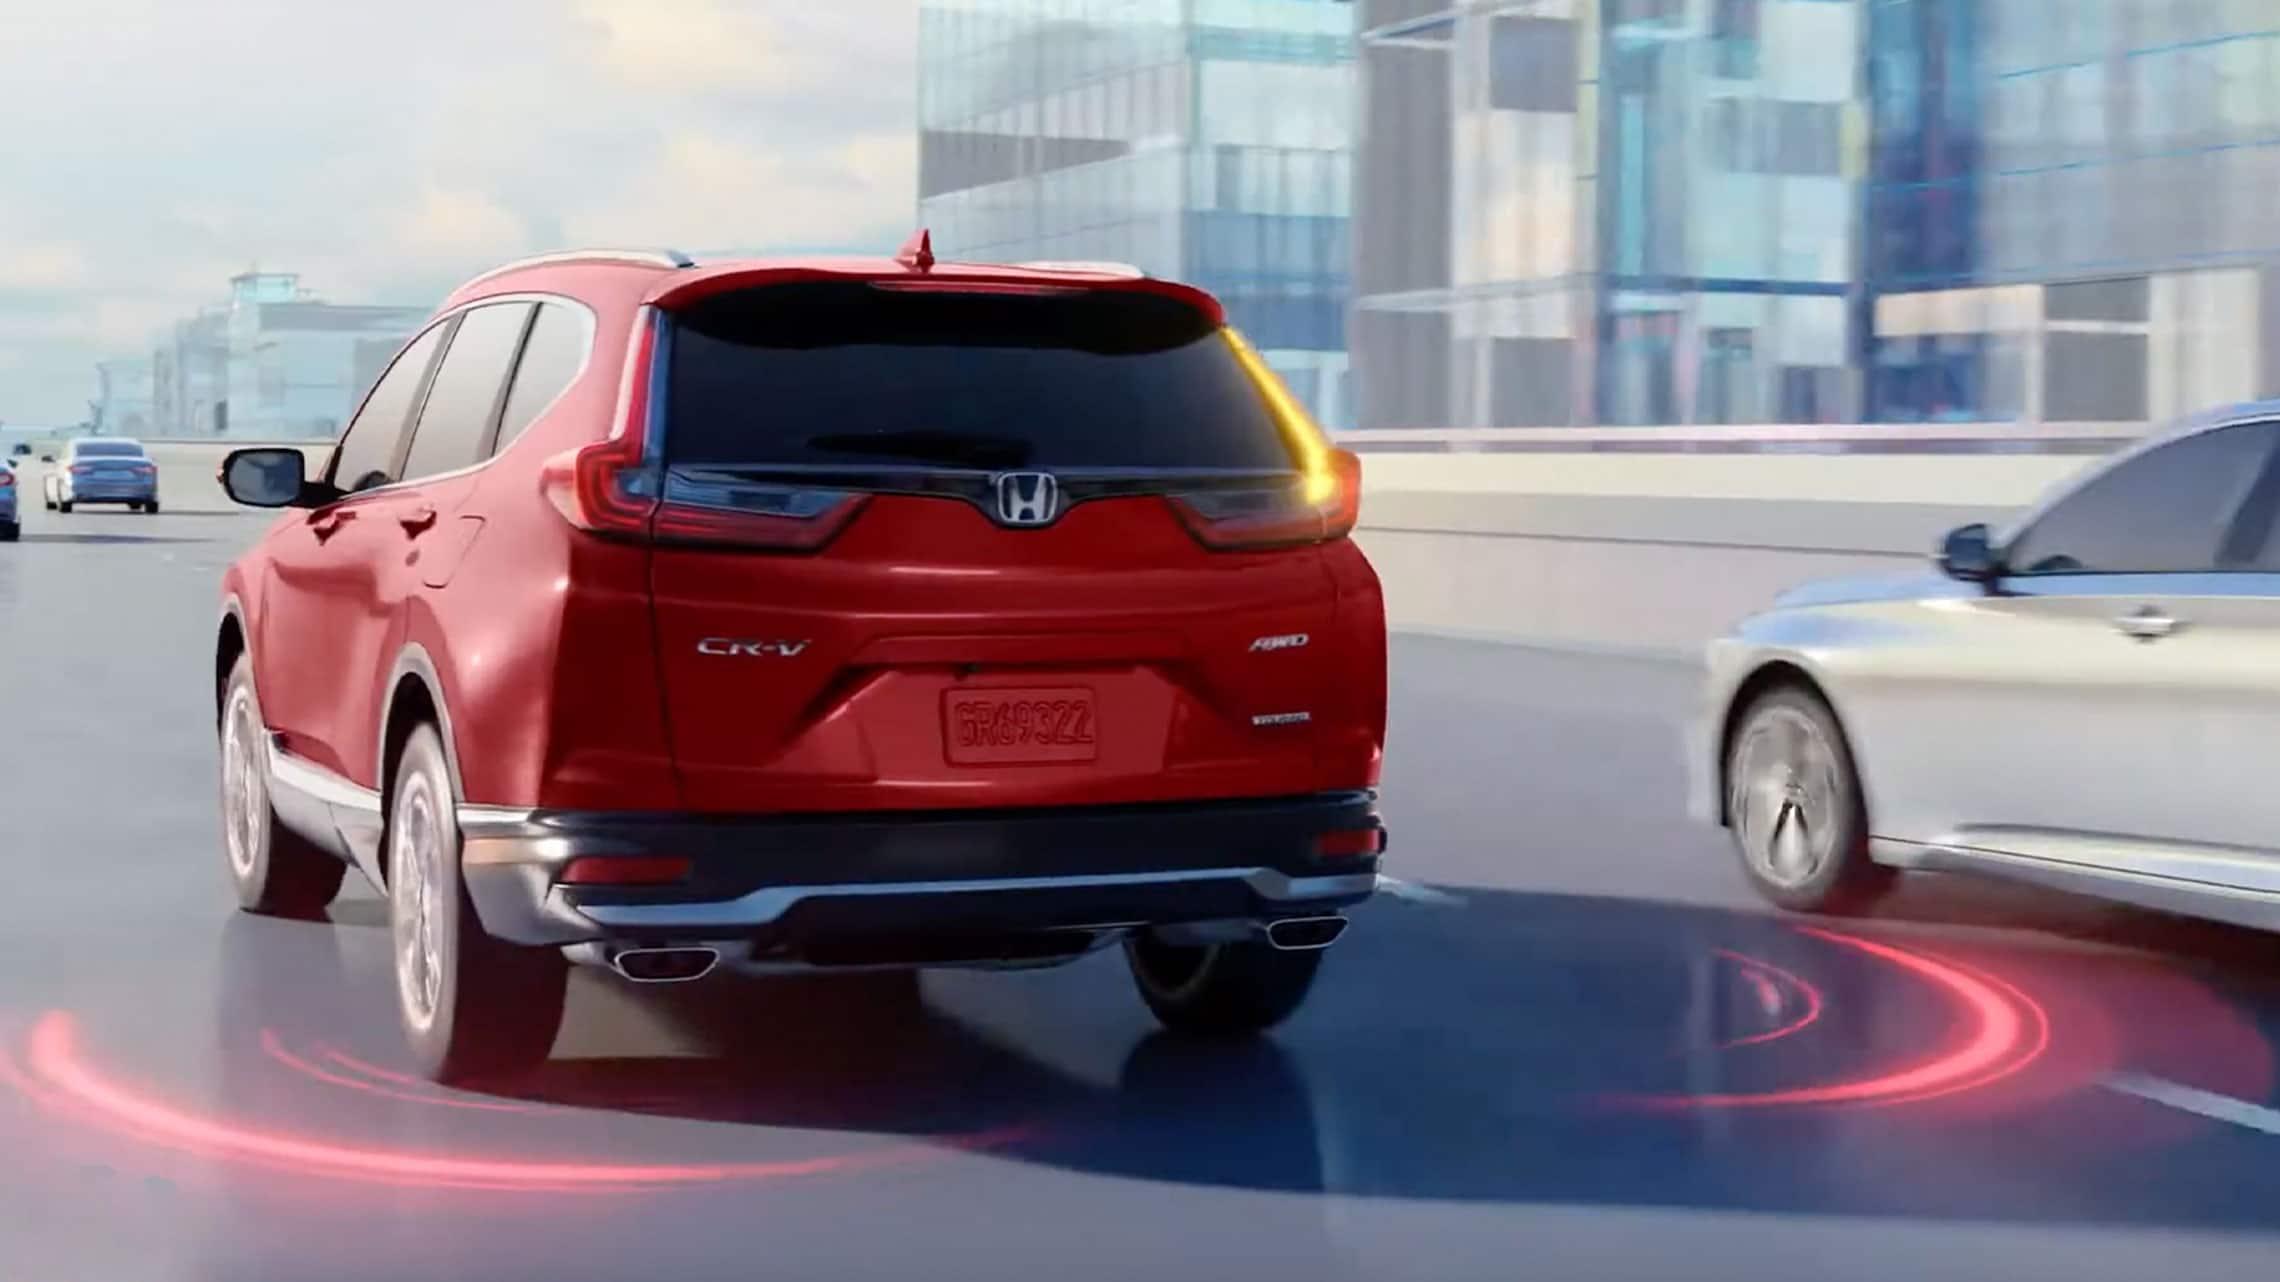 Vista trasera desde el lado del conductor de la Honda CR-V2020 en Radiant Red Metallic, conduciendo por una autopista, con una ilustración que muestra la característica del sistema de información de puntos ciegos.